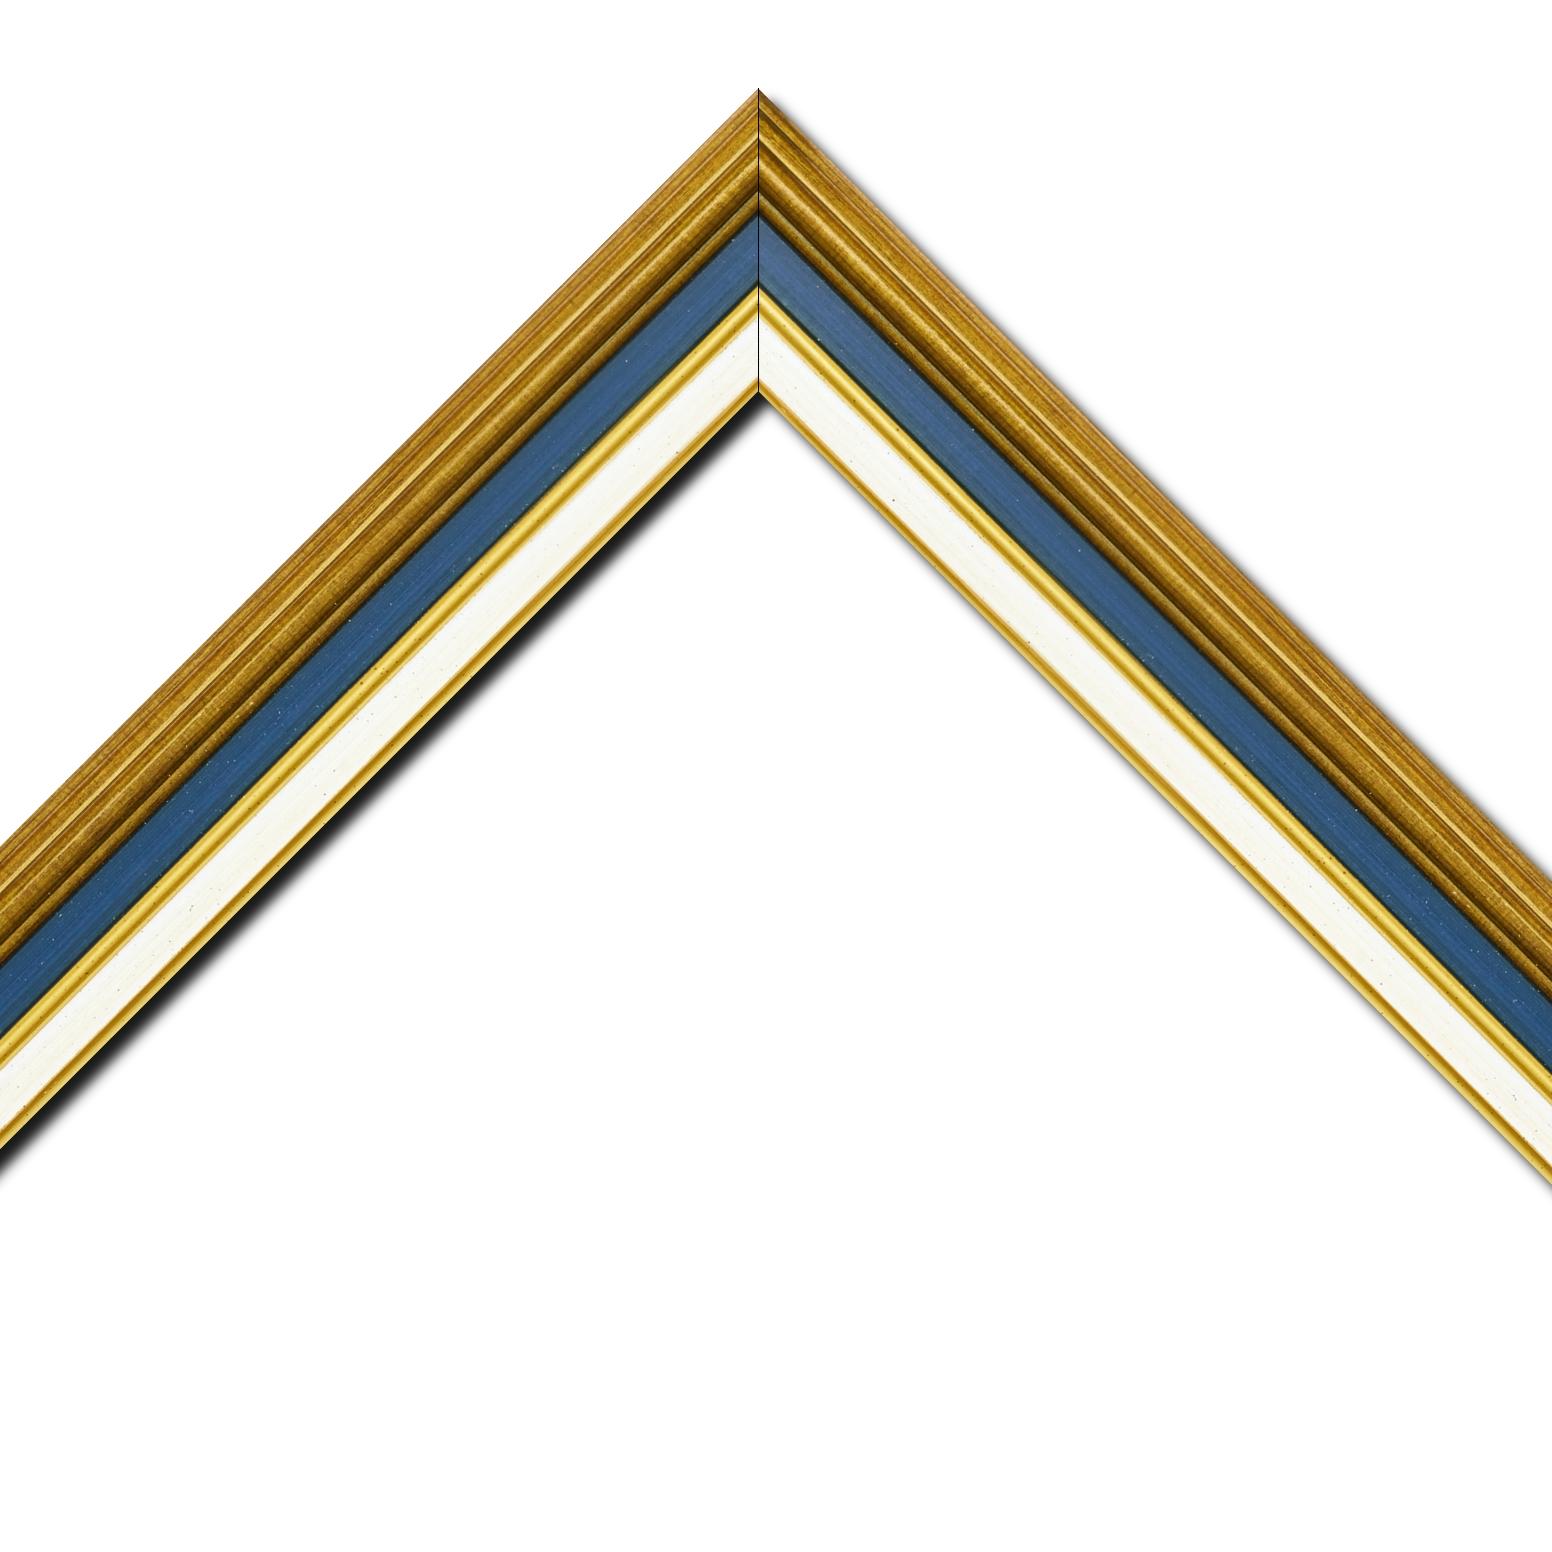 Baguette bois largeur 5.2cm or gorge bleue nuit  marie louise crème filet or intégrée